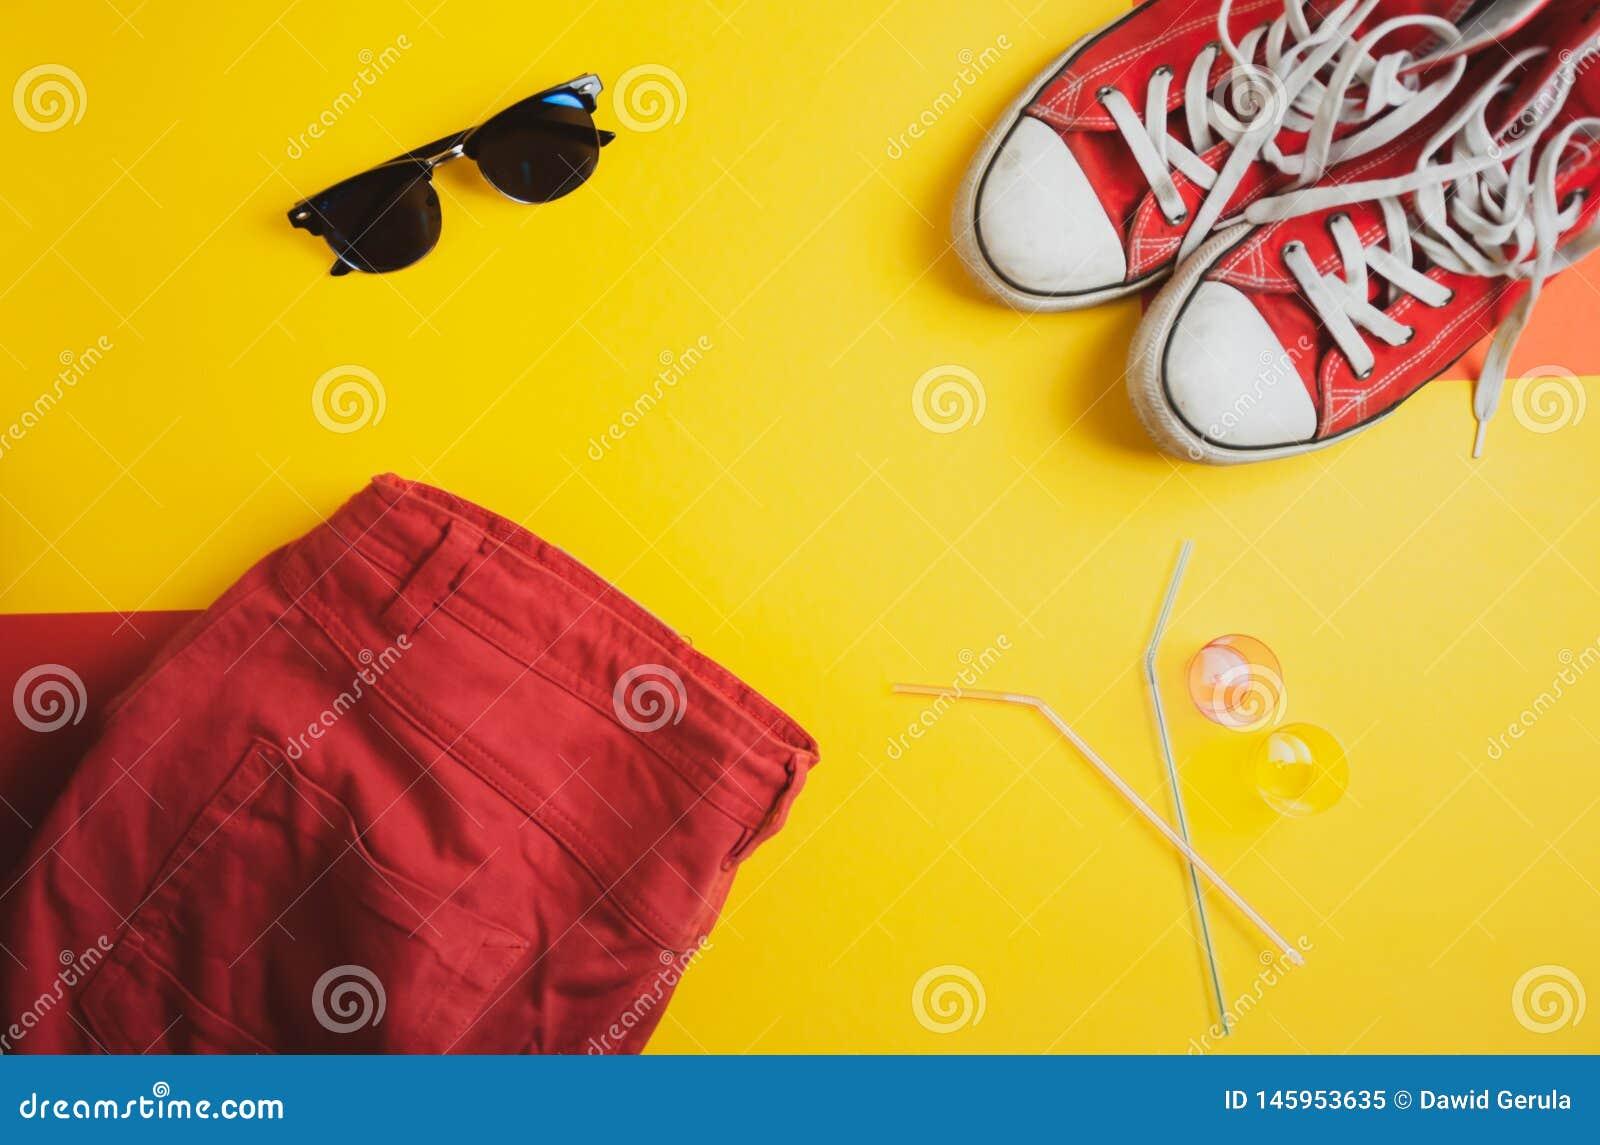 Odgórny widok czerwoni sneakers, czerwień skróty i okulary przeciwsłoneczni na żółtym tle,